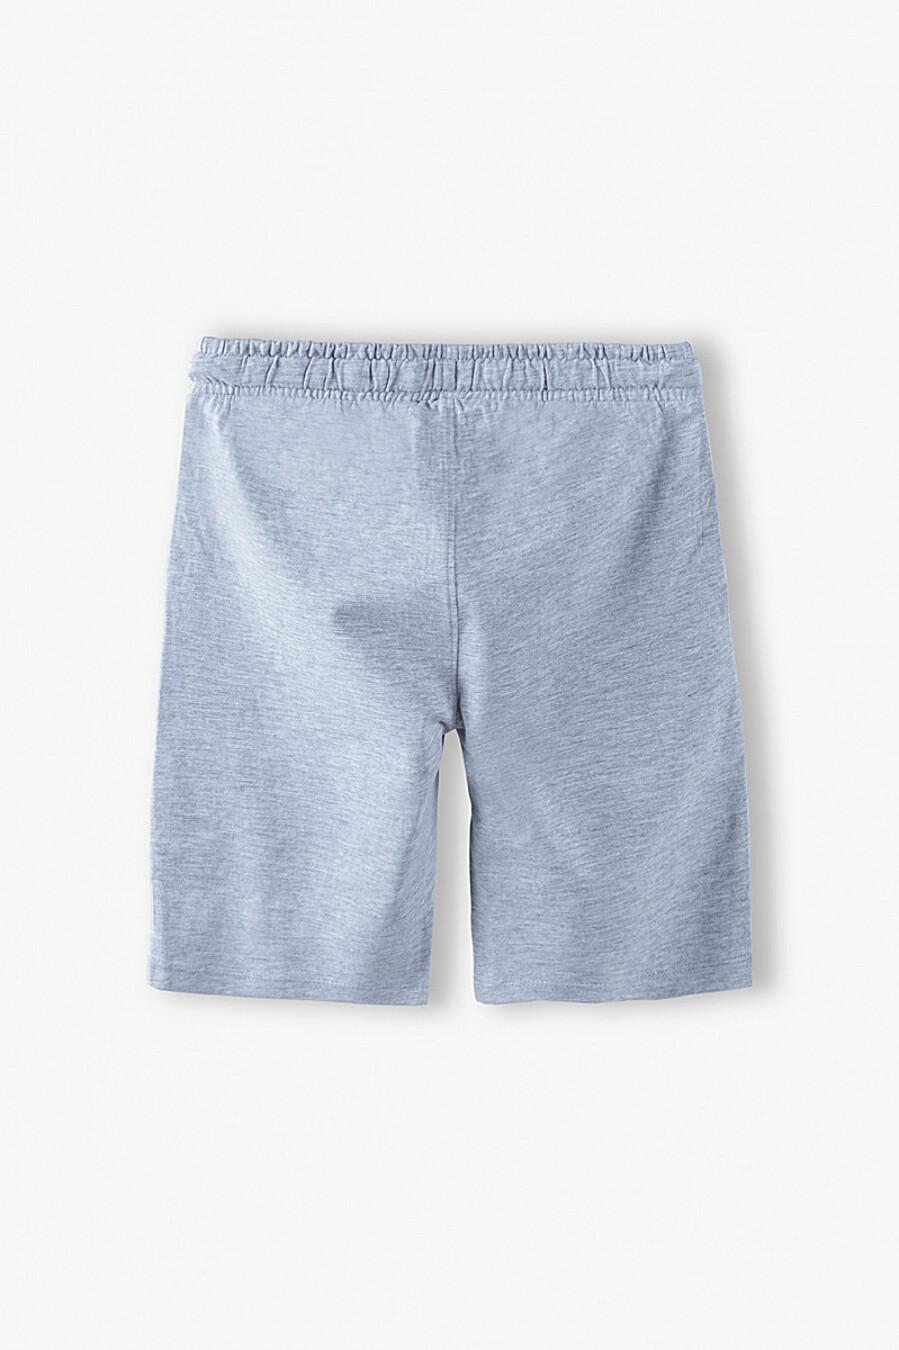 Шорты для мальчиков 5.10.15 668581 купить оптом от производителя. Совместная покупка детской одежды в OptMoyo